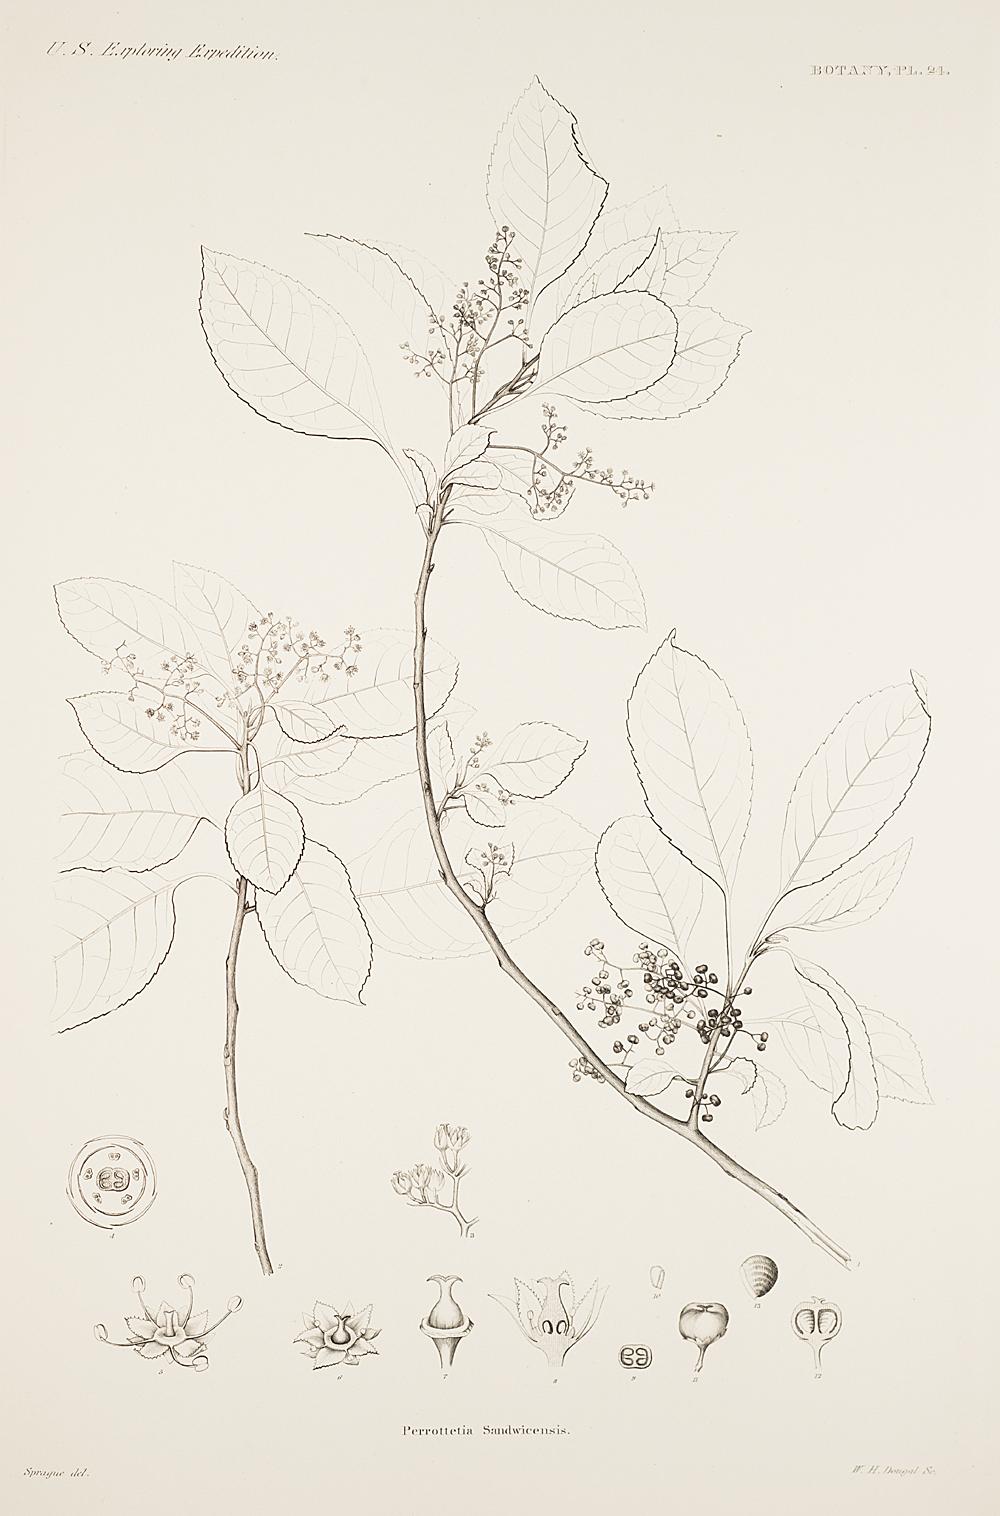 Botany, Pl. 24,  Image number:sil19-23-059b